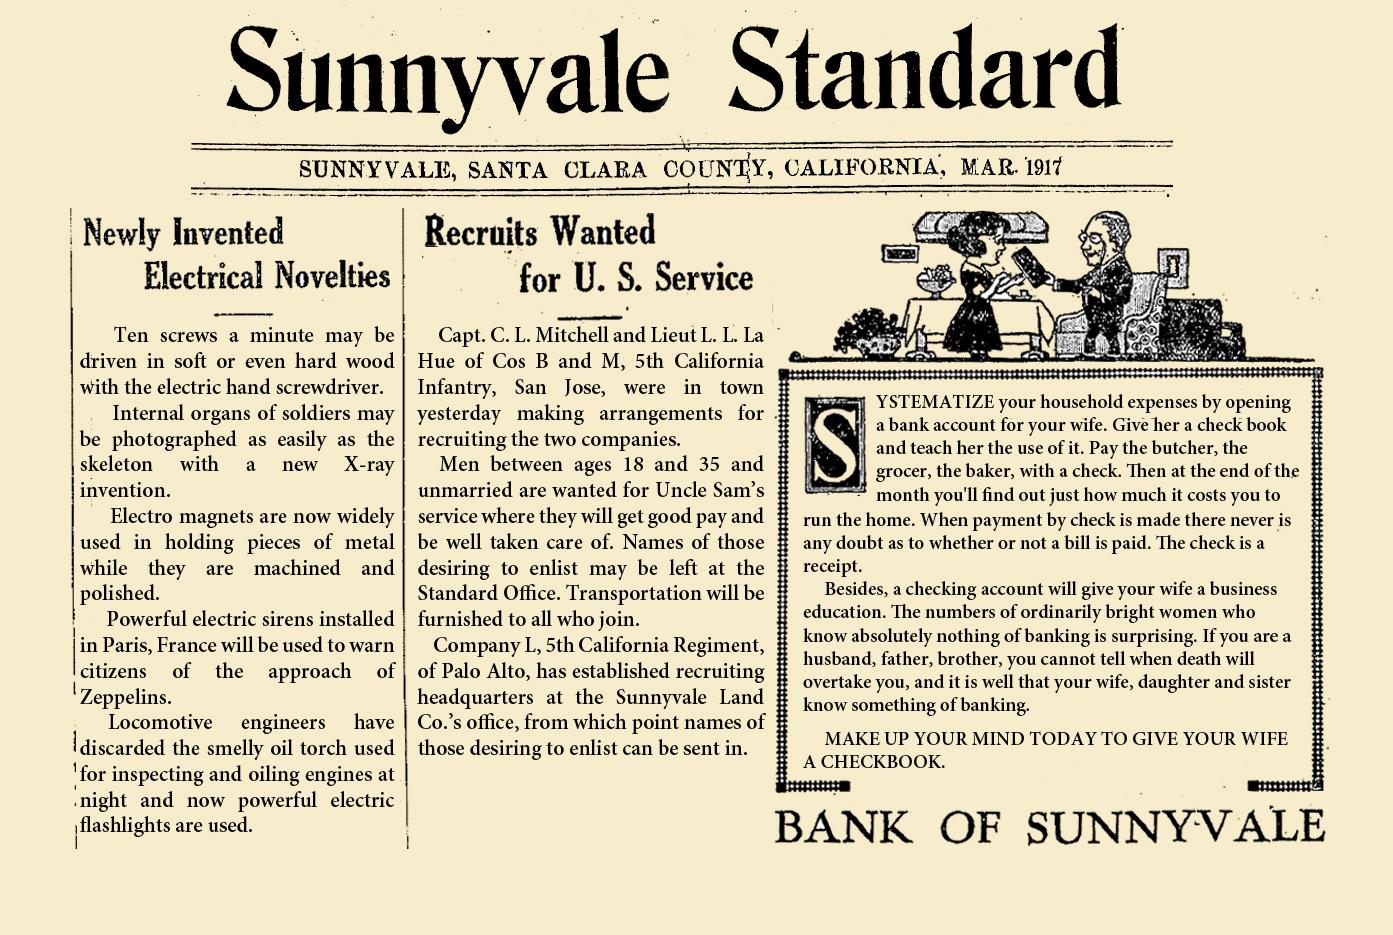 100 years ago – Mar 1917